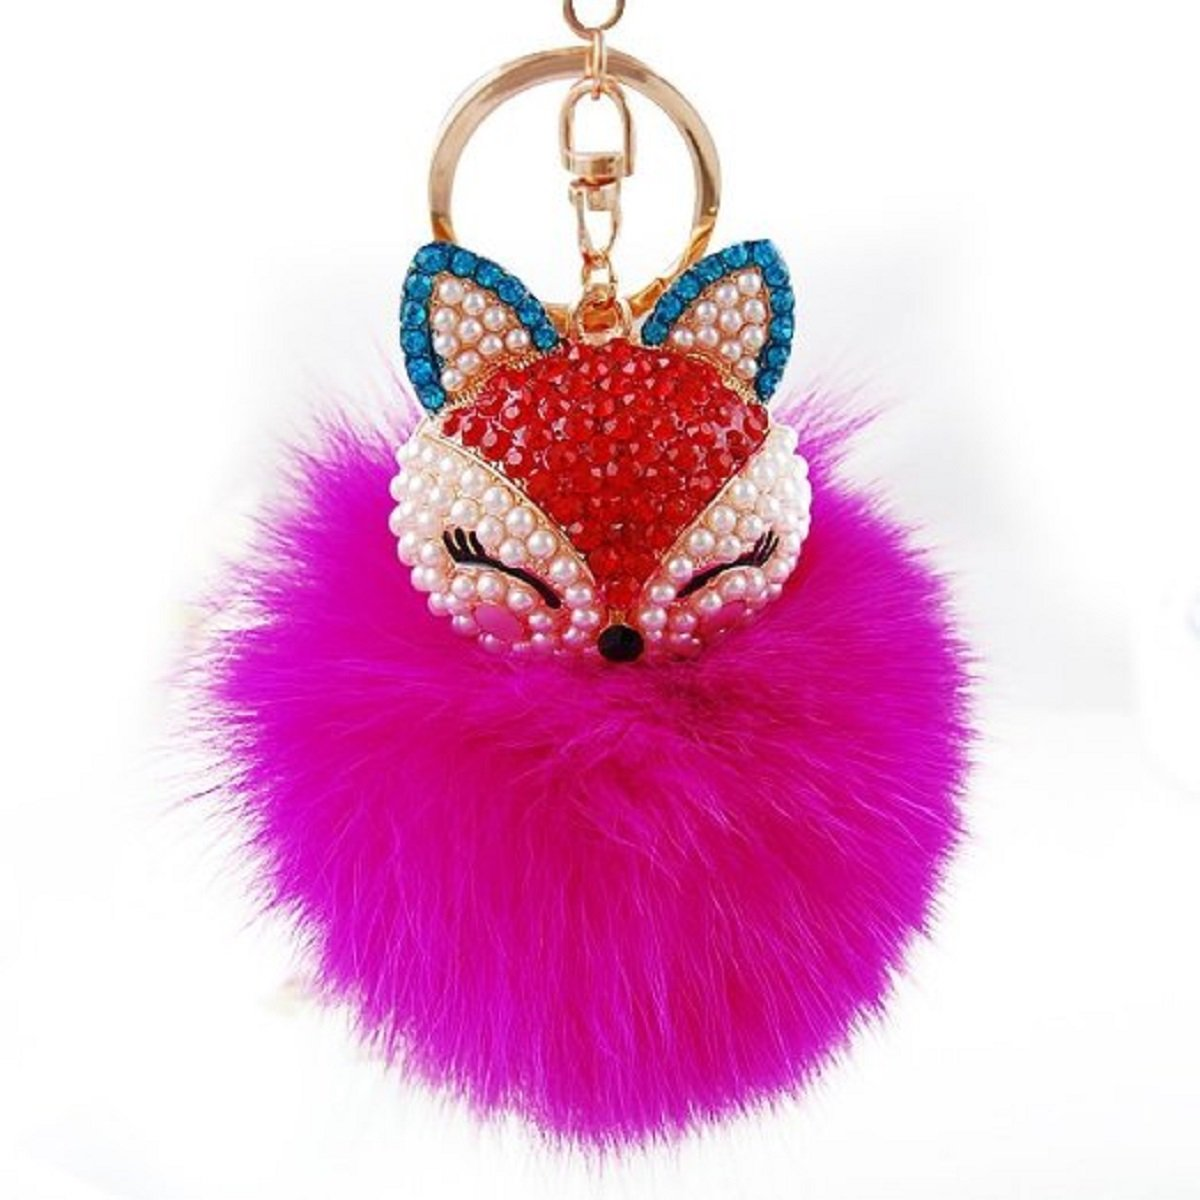 Feililong hübsch Fox Plüsch Ball Kaninchen-Pelz-Kugel Schlüsselanhänger Auto Schlüssel Tasche Telefon Anhänger (Fox Plüsch Ball+Braun)